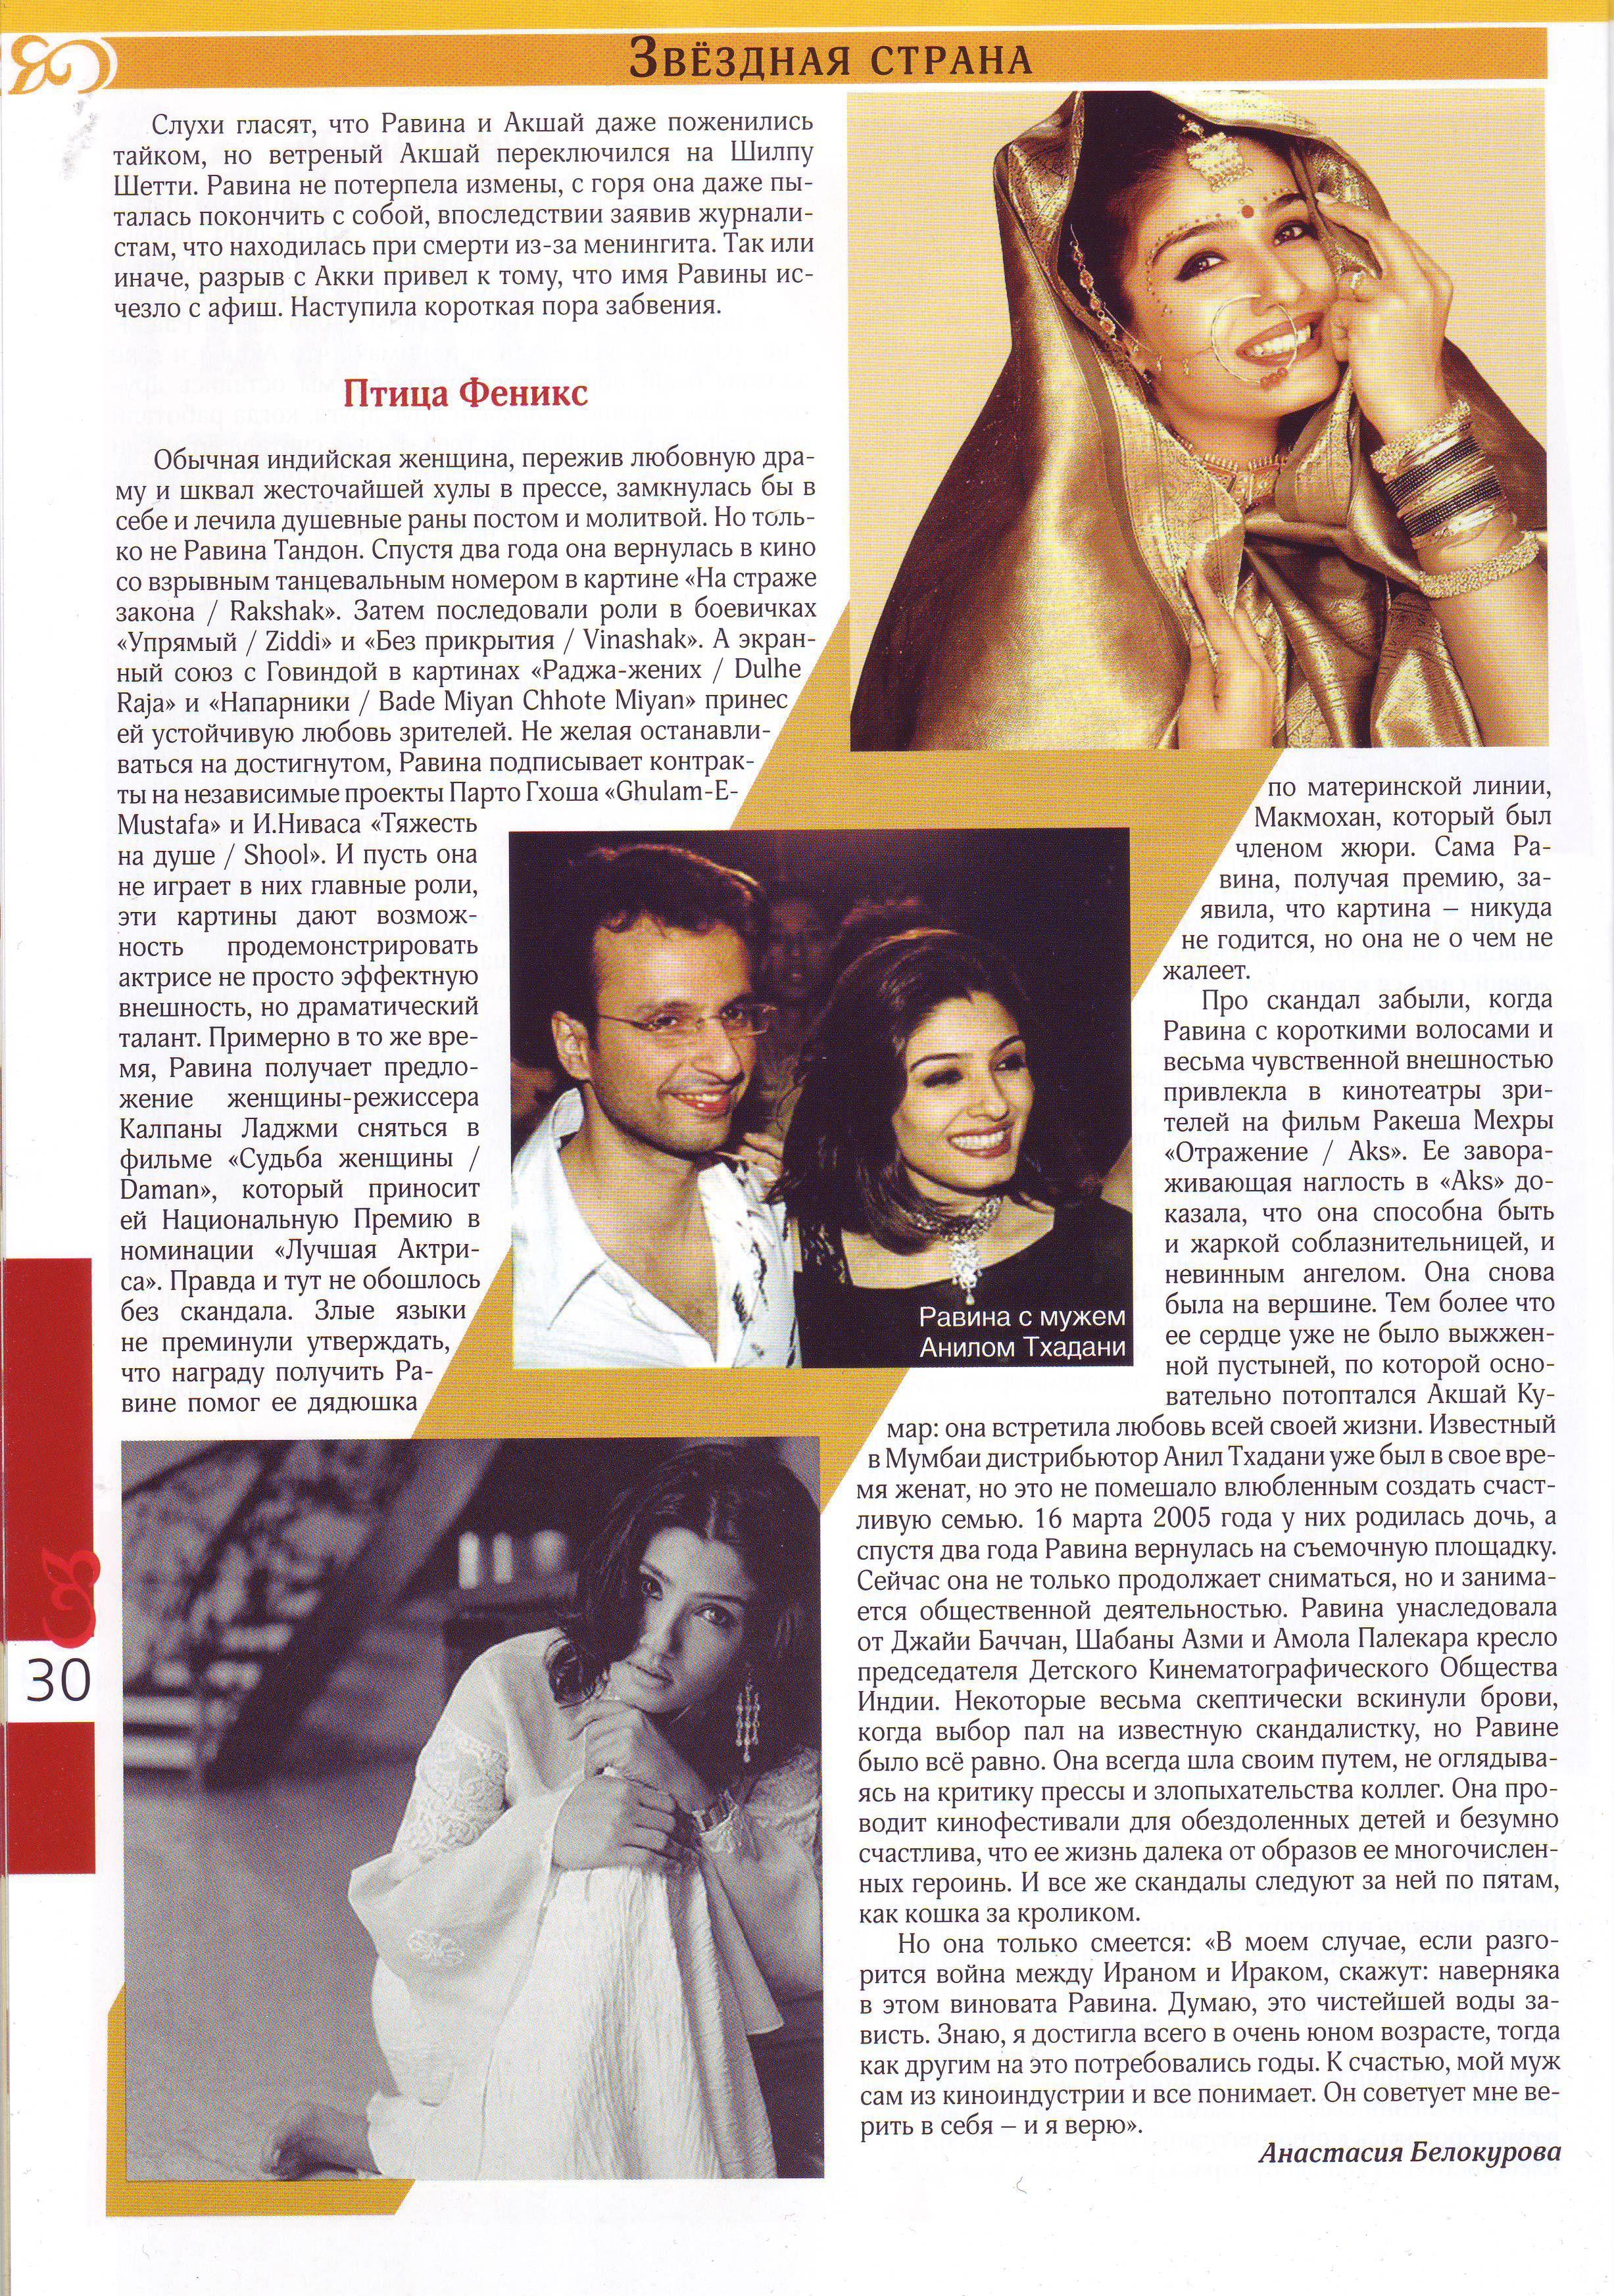 МИК N 32 стр.30.JPG